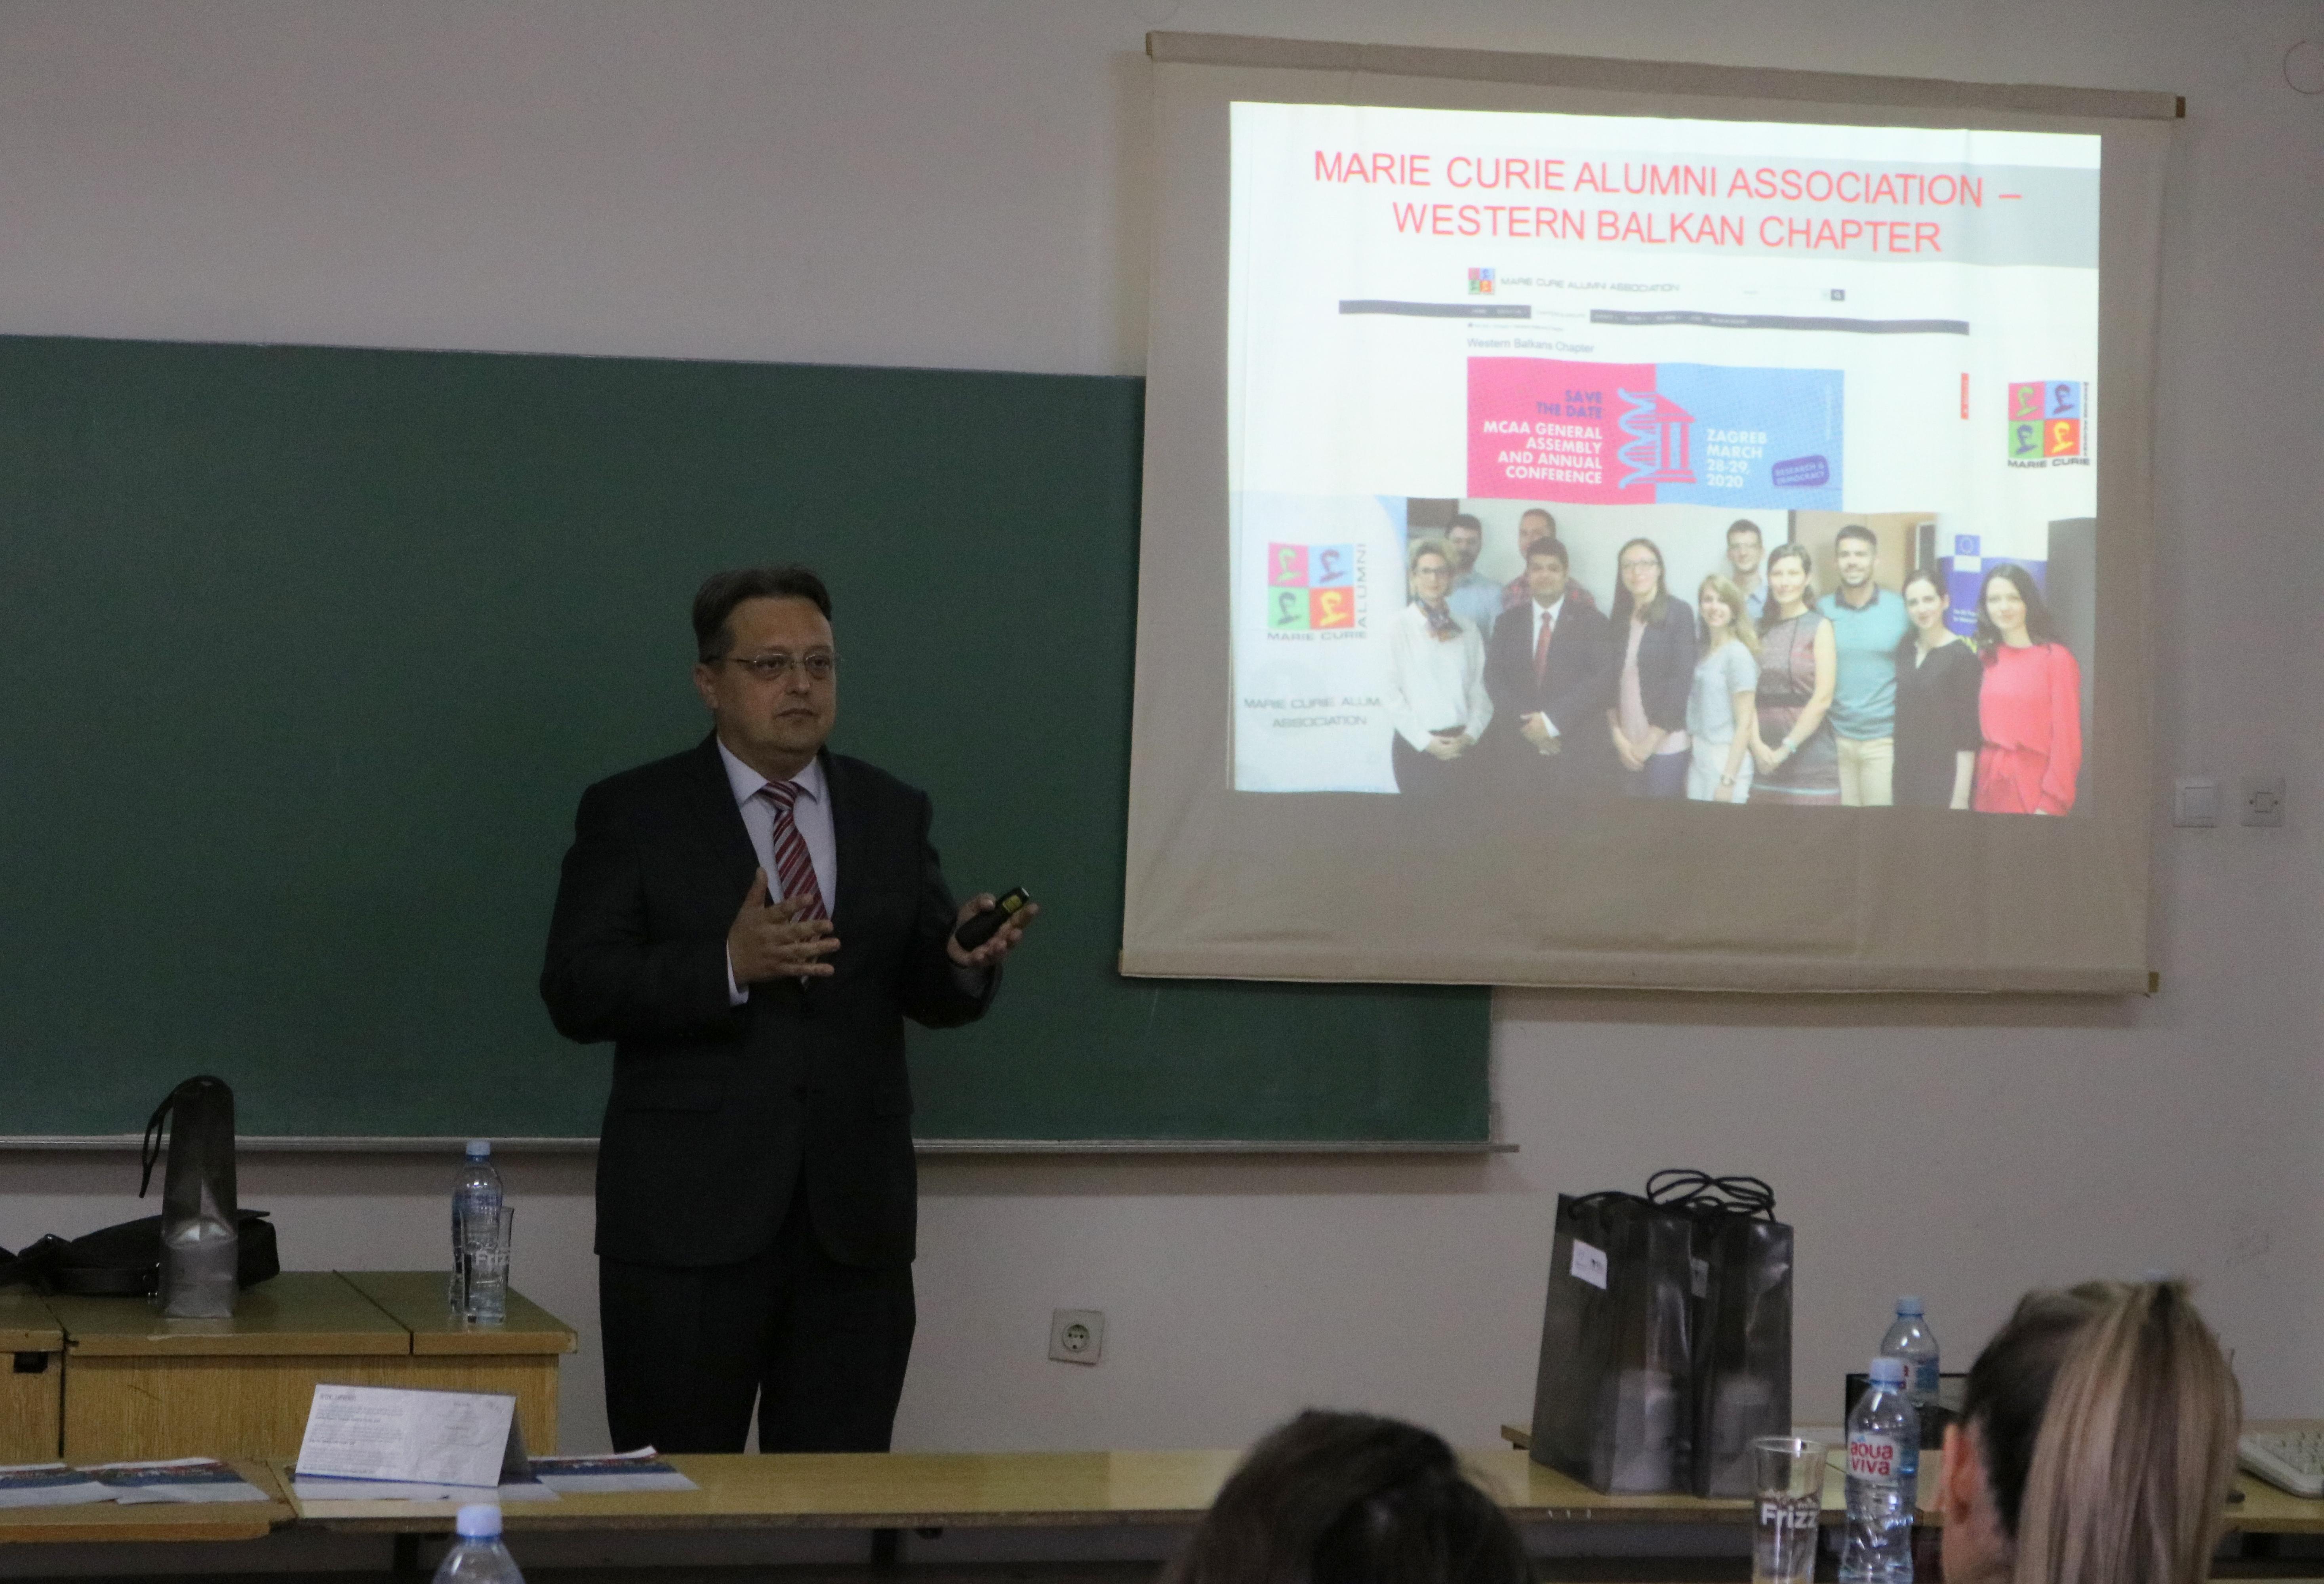 MCAA WBC Banja Luka presentation